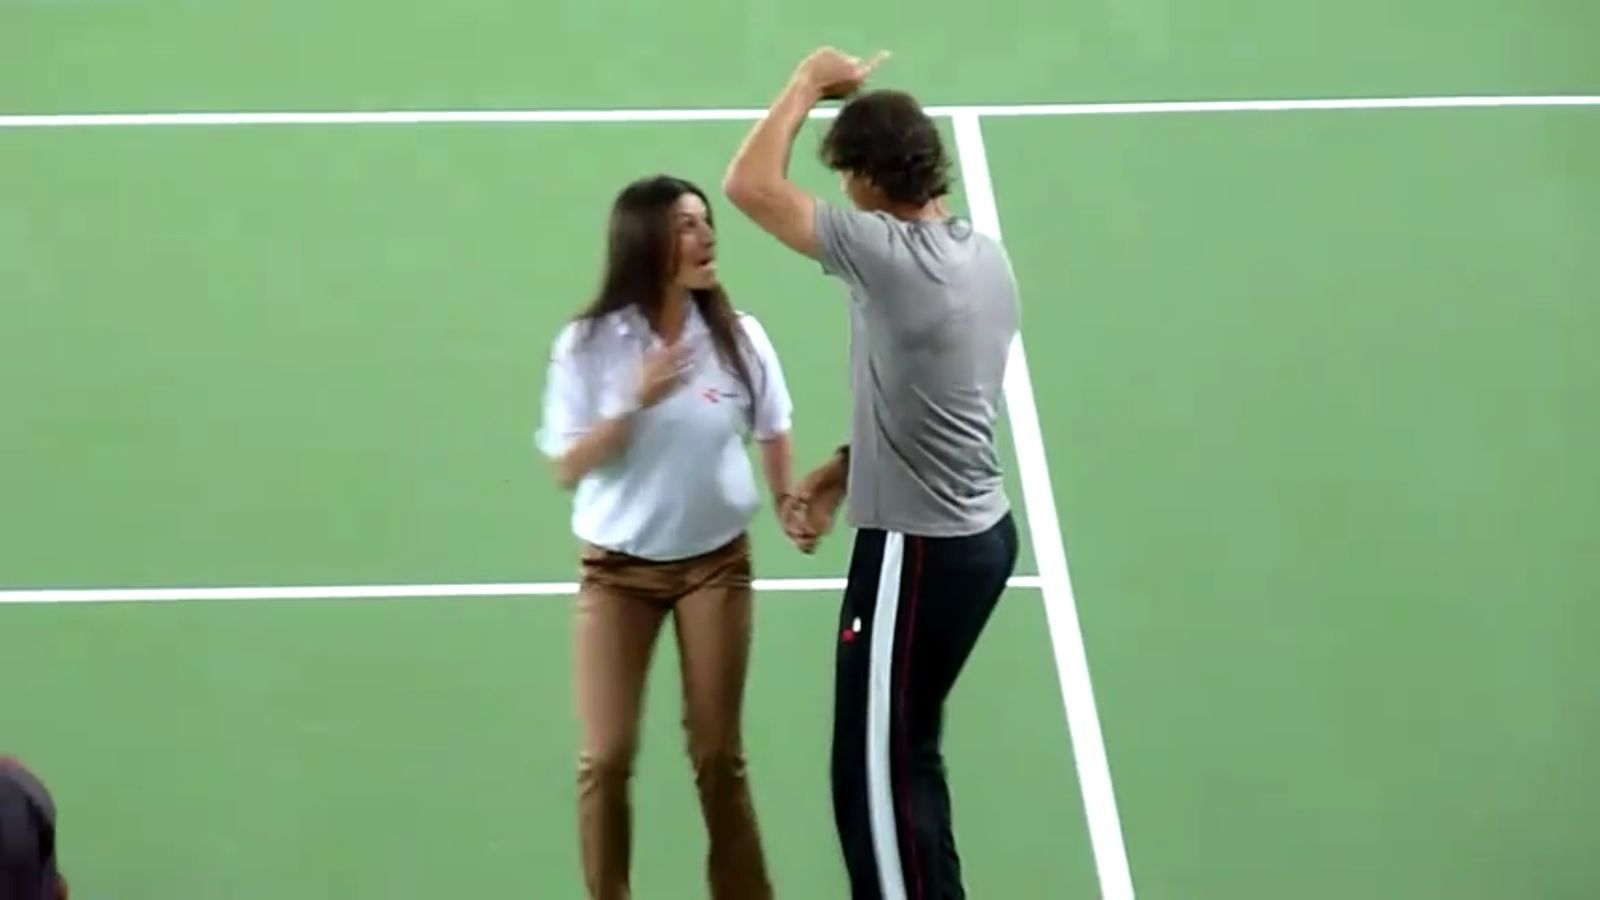 Ballem? Els tennistes Nadal i Djokovic es marquen uns passos de salsa